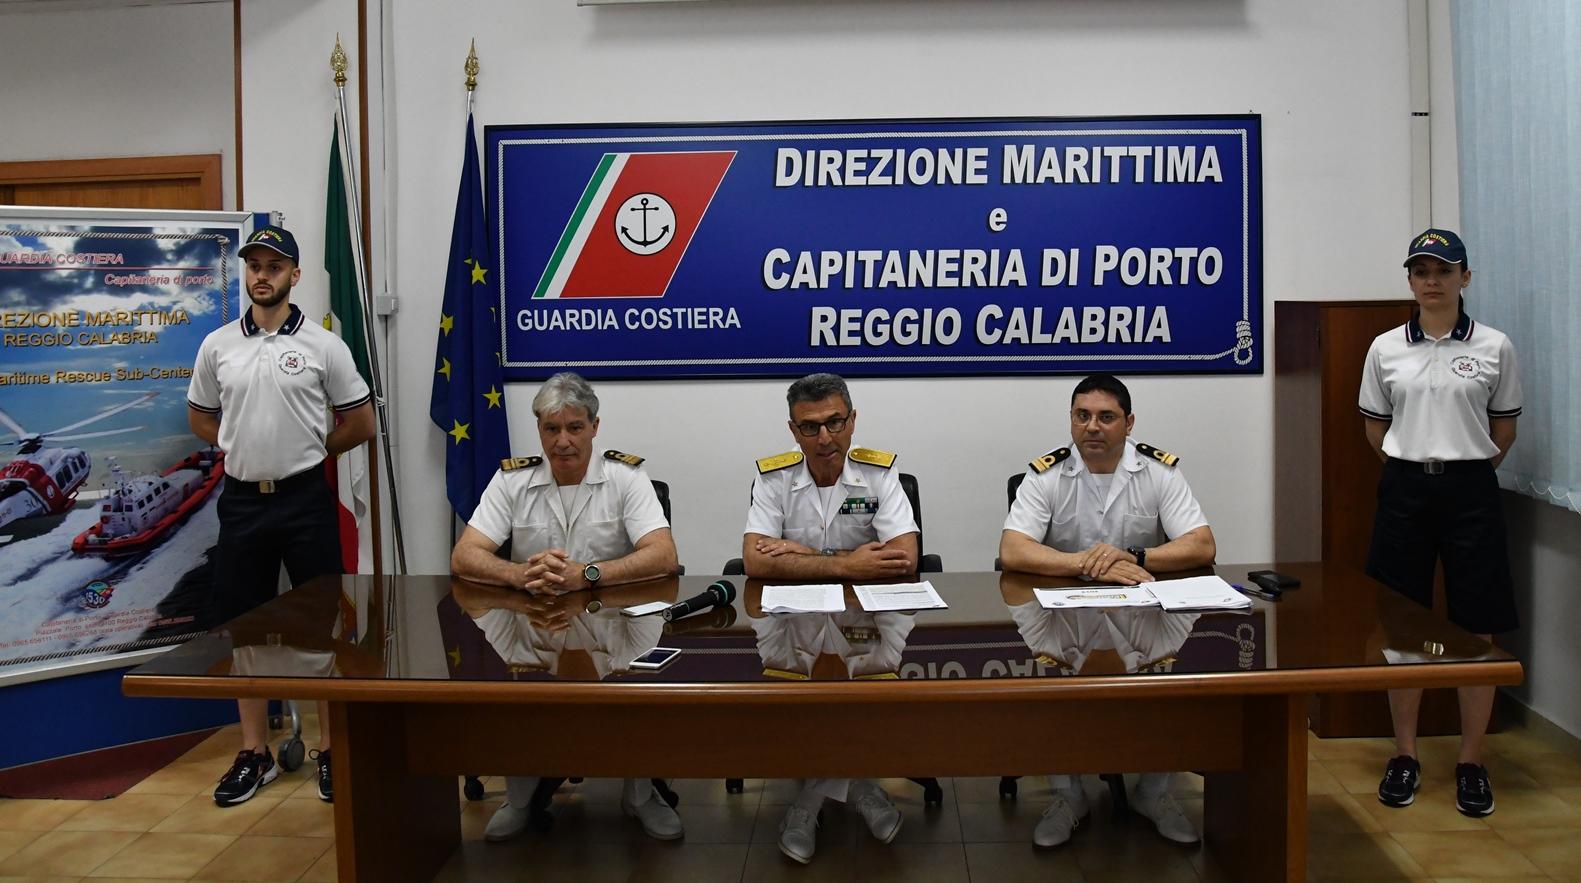 Mare sicuro 2019, operazione al via l'1 giugnoSicurezza e tutela ambiente da garantire in Calabria